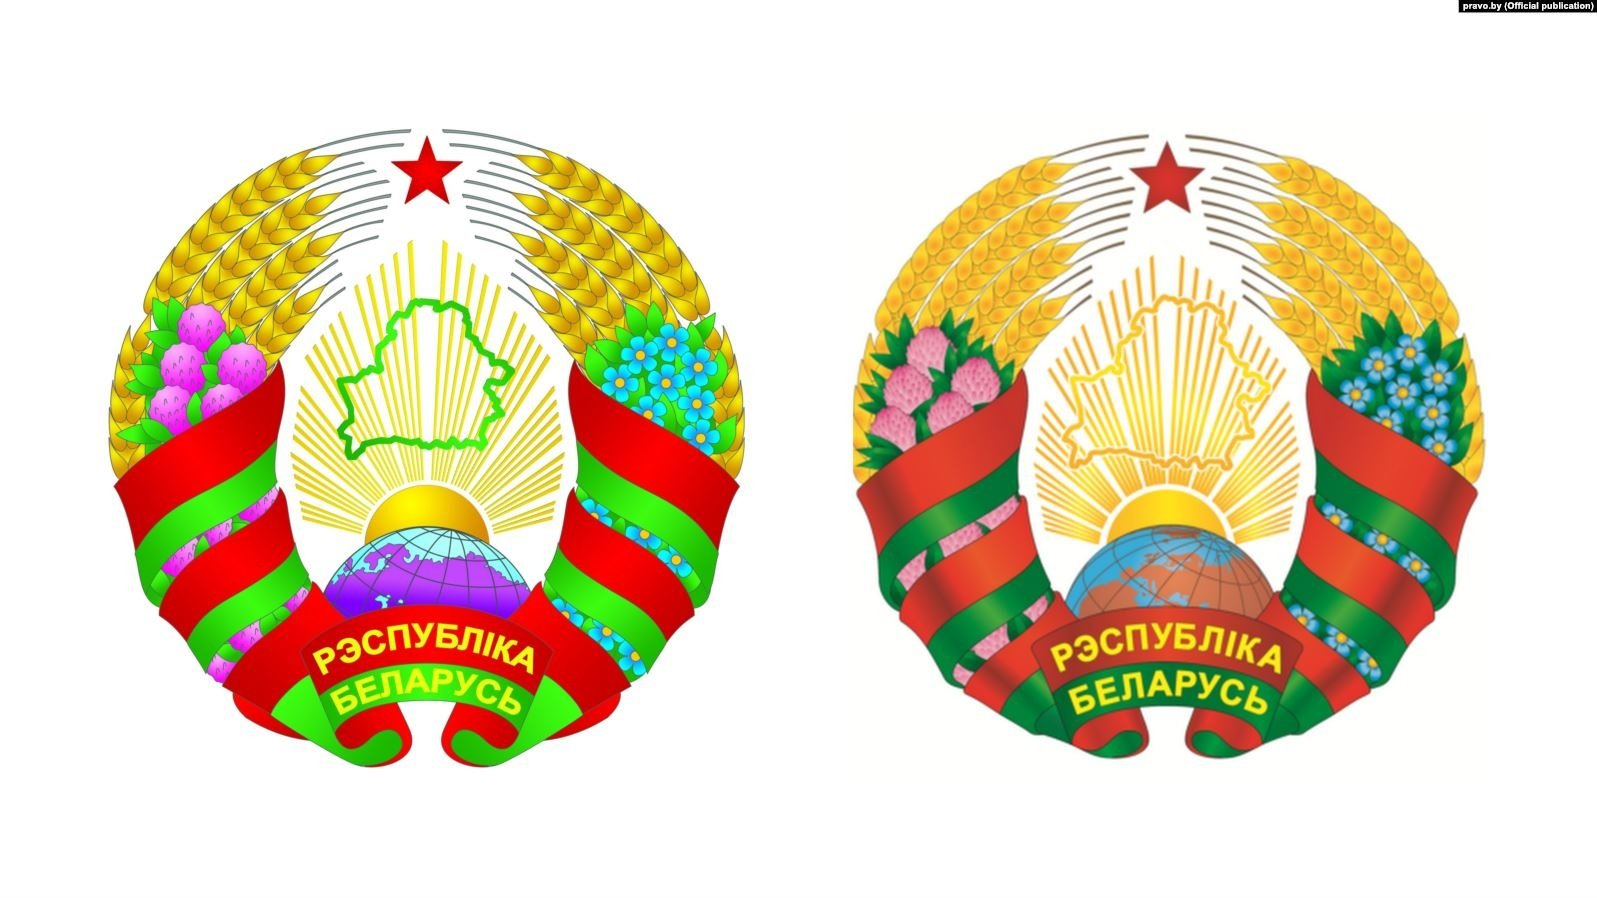 Герб белоруссии картинки в хорошем качестве несколько